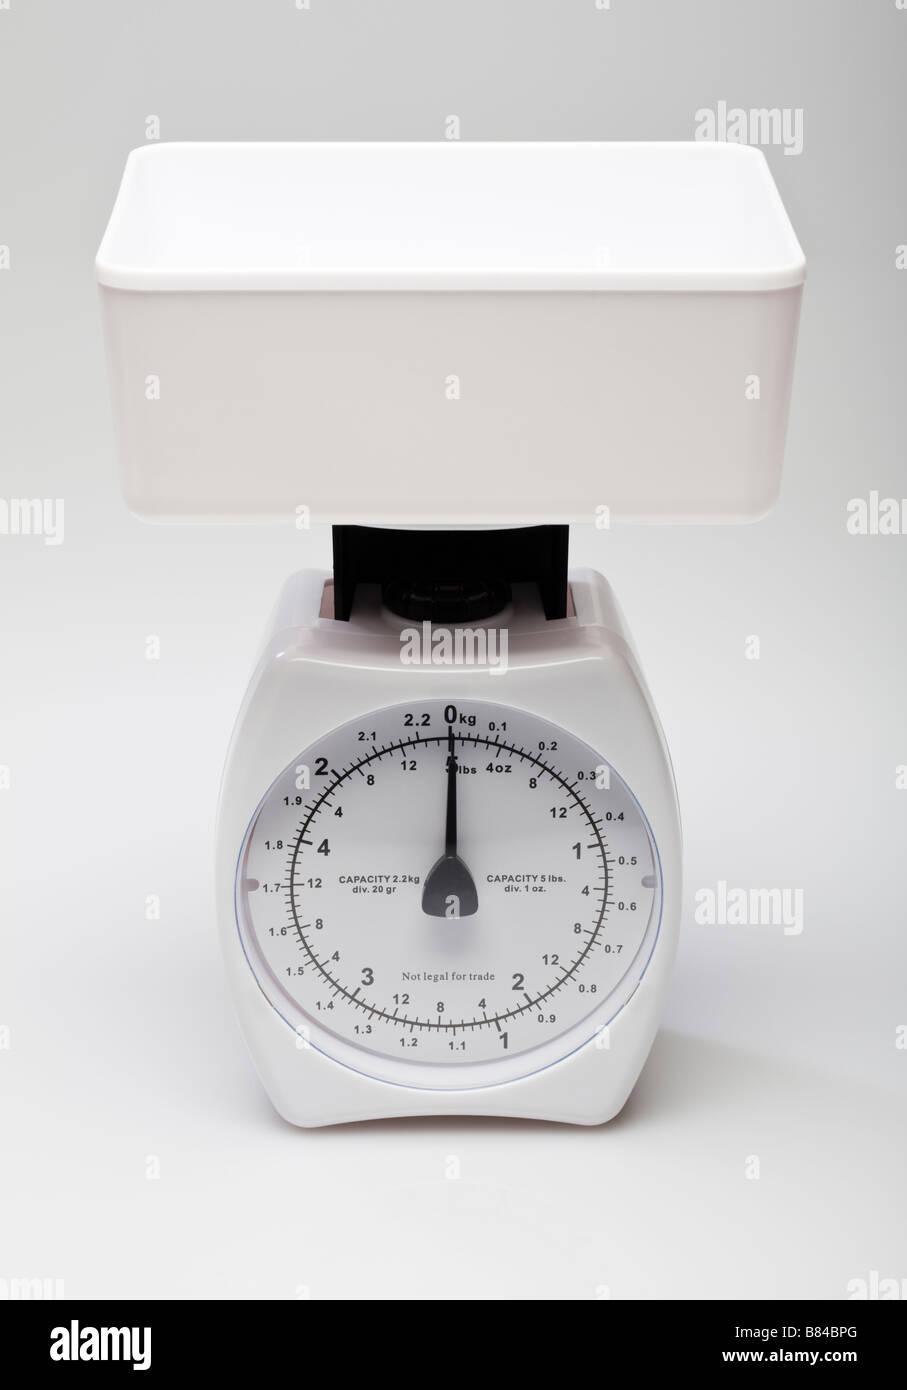 Balance de cuisine en plastique blanc sur blanc Photo Stock